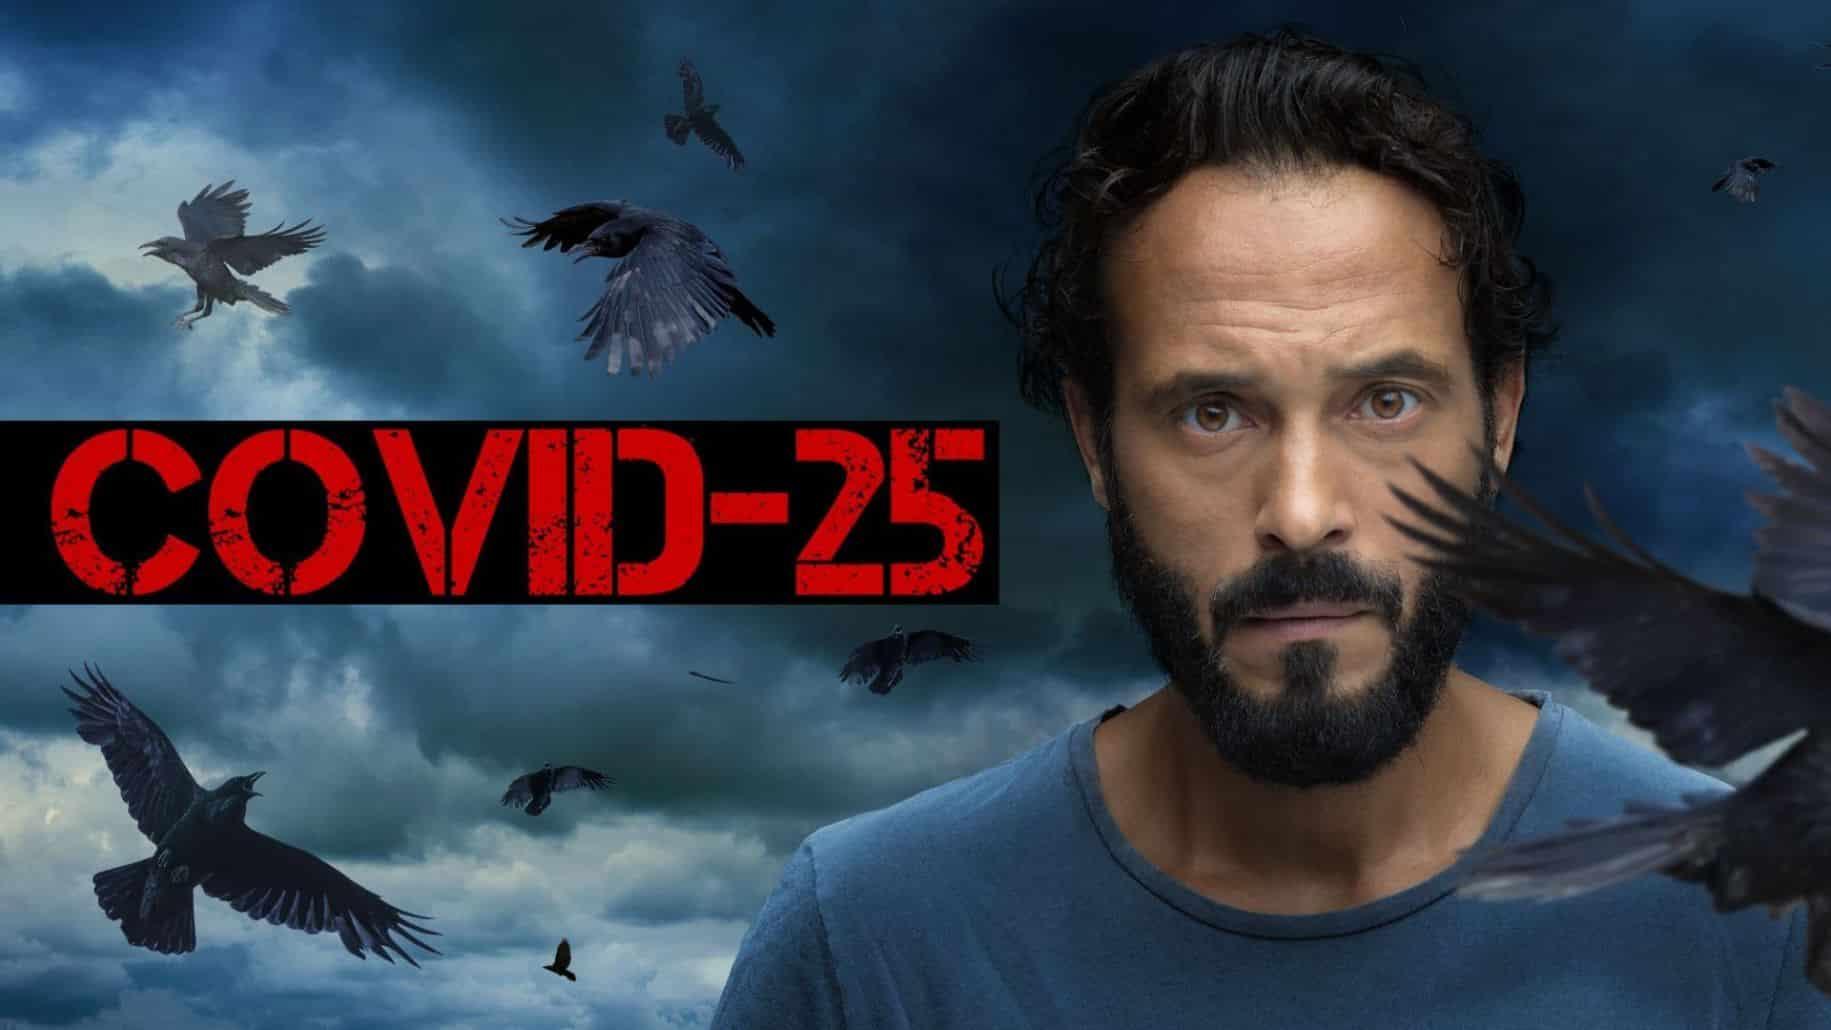 """""""شاهد"""" يوسف الشريف والحلقة الأولى من """"كوفيد25"""".. فيروس جديد ضحاياه يتحولون لكائنات مخيفة"""